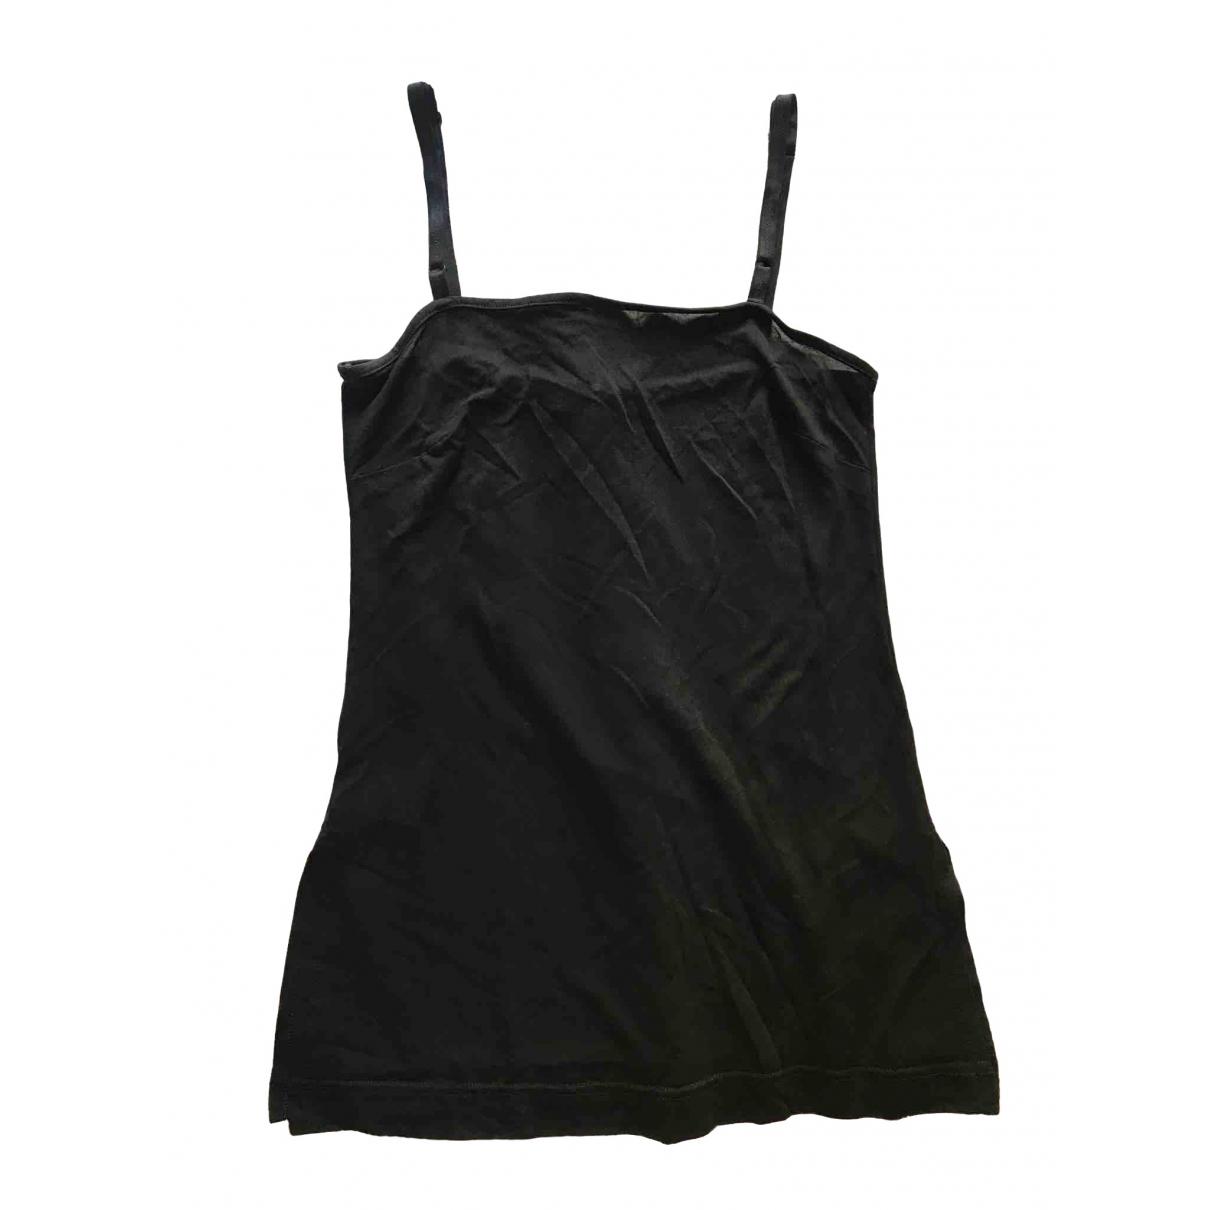 Dolce & Gabbana \N Black  top for Women 38 IT